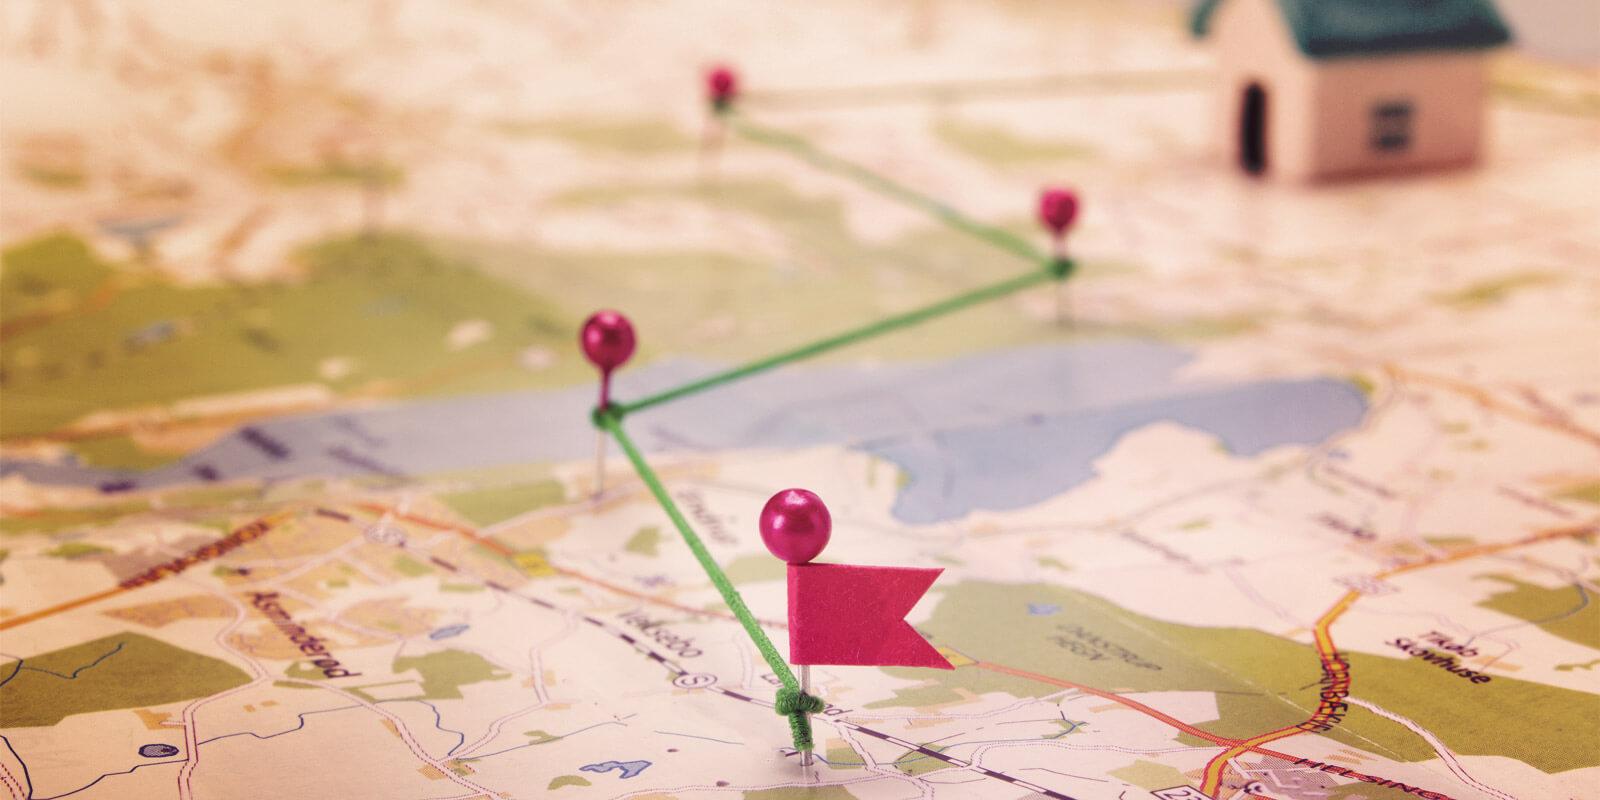 Landkarte mit Nadeln darauf, die mit einem grünen Faden miteinander verbunden sind.